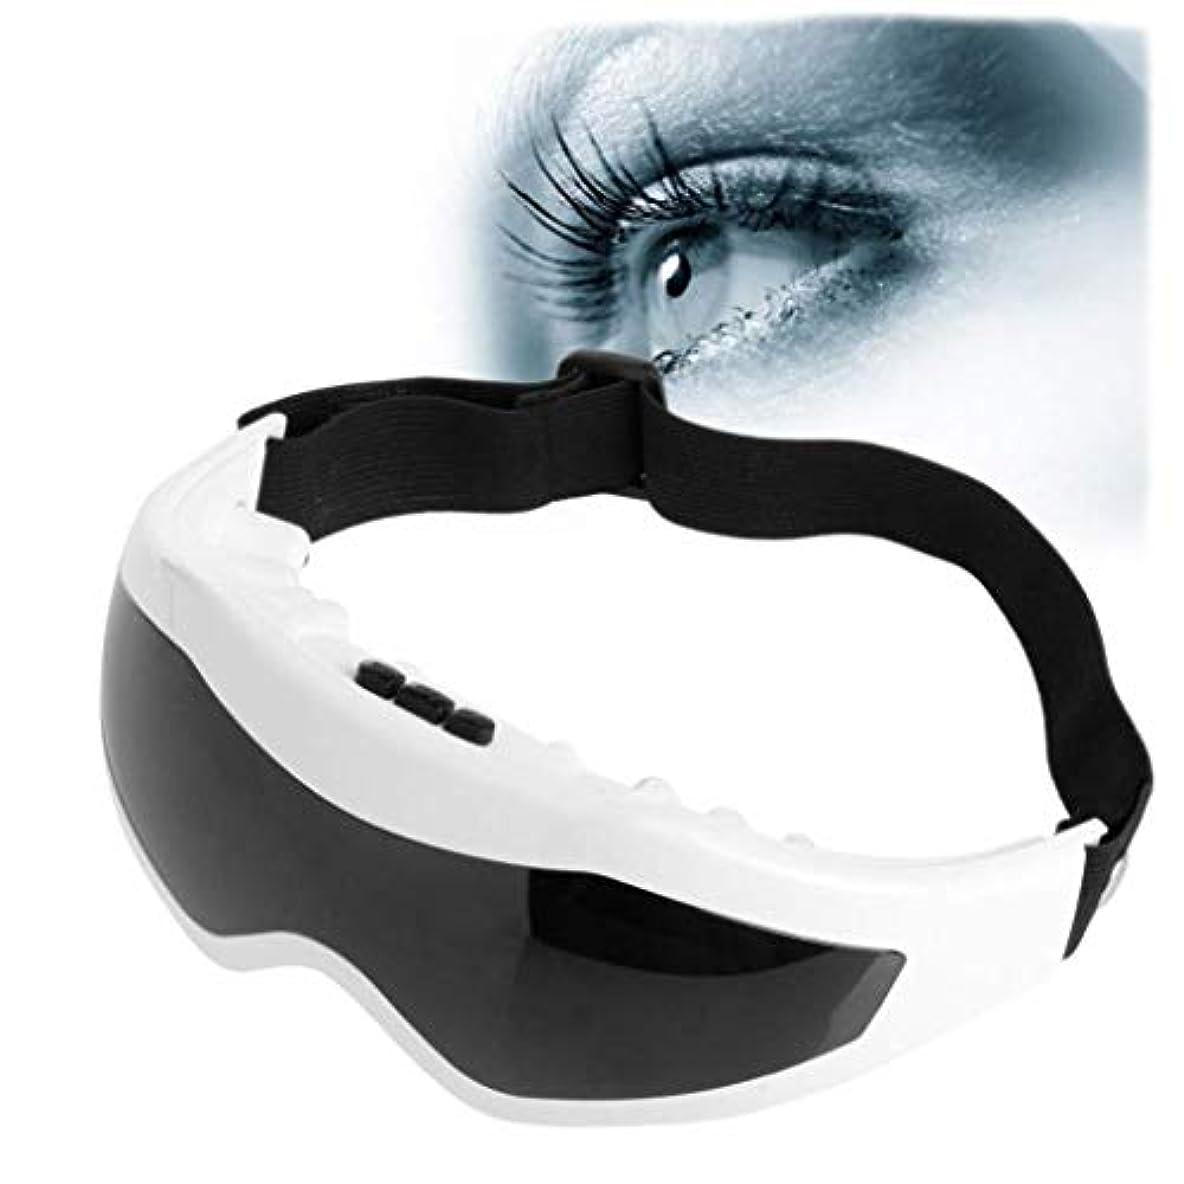 糞急速な大学院電気アイマッサージャー、9種類のマッサージ方法USB充電式、アイケアマッサージリラックス振動を軽減指の圧力を軽減します目の疲れを軽減するための保護器具